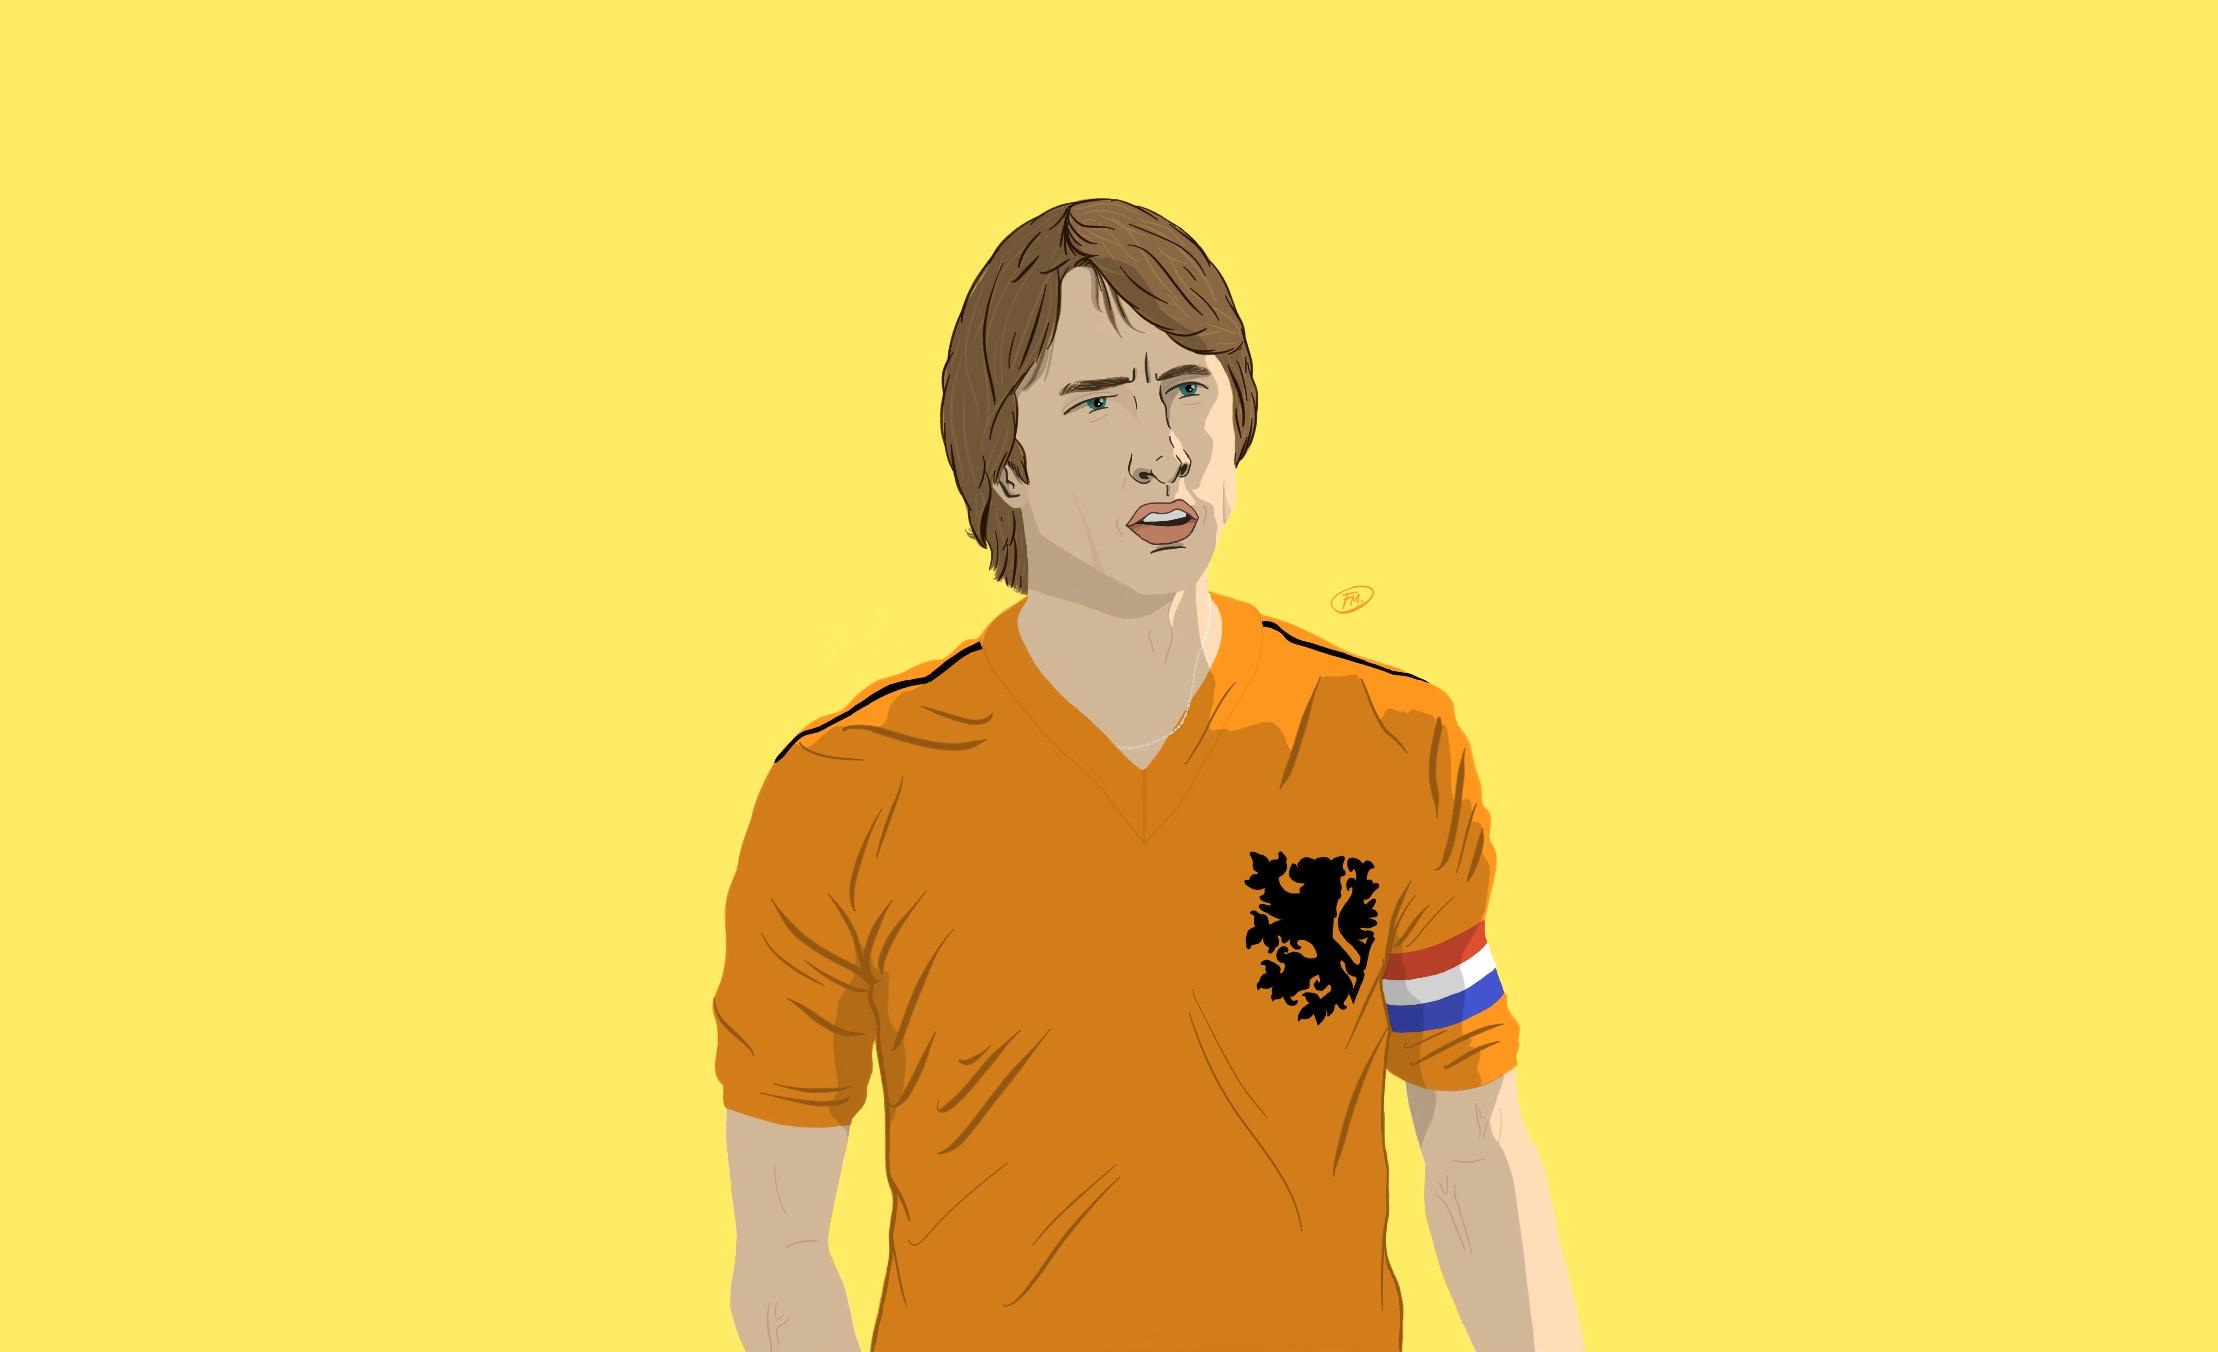 Johan Cruyff Başarının Sırrını Anlatıyor